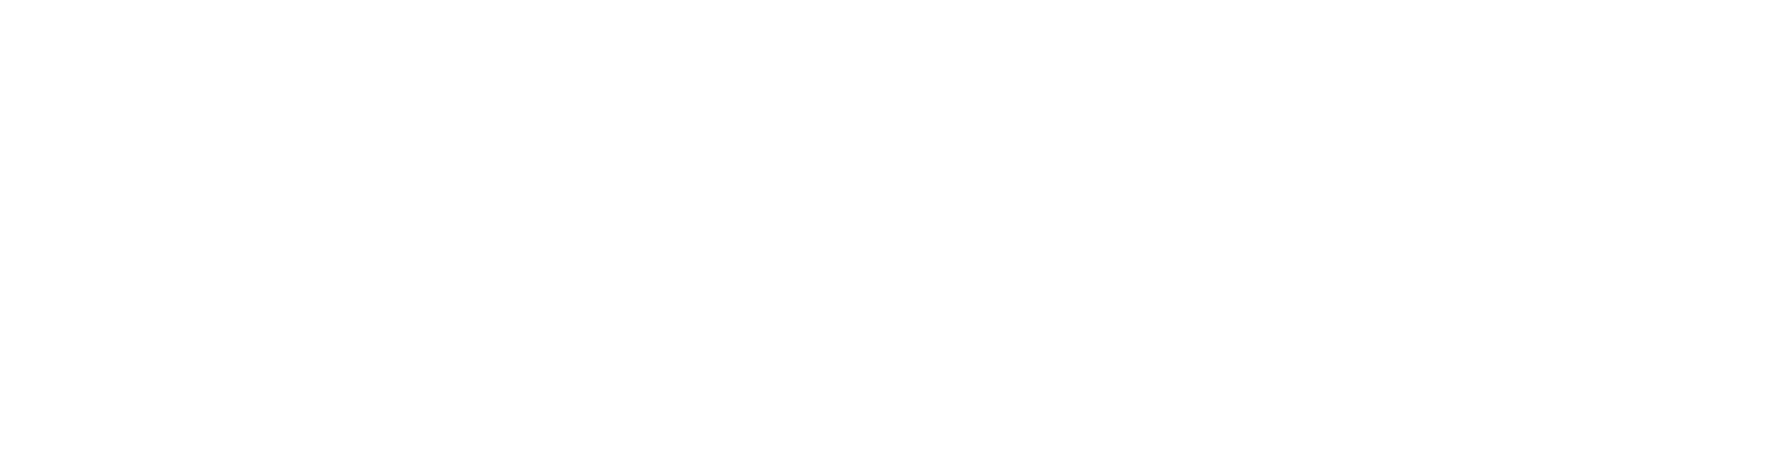 Jasmyn Siebenhofer · Blumenstil